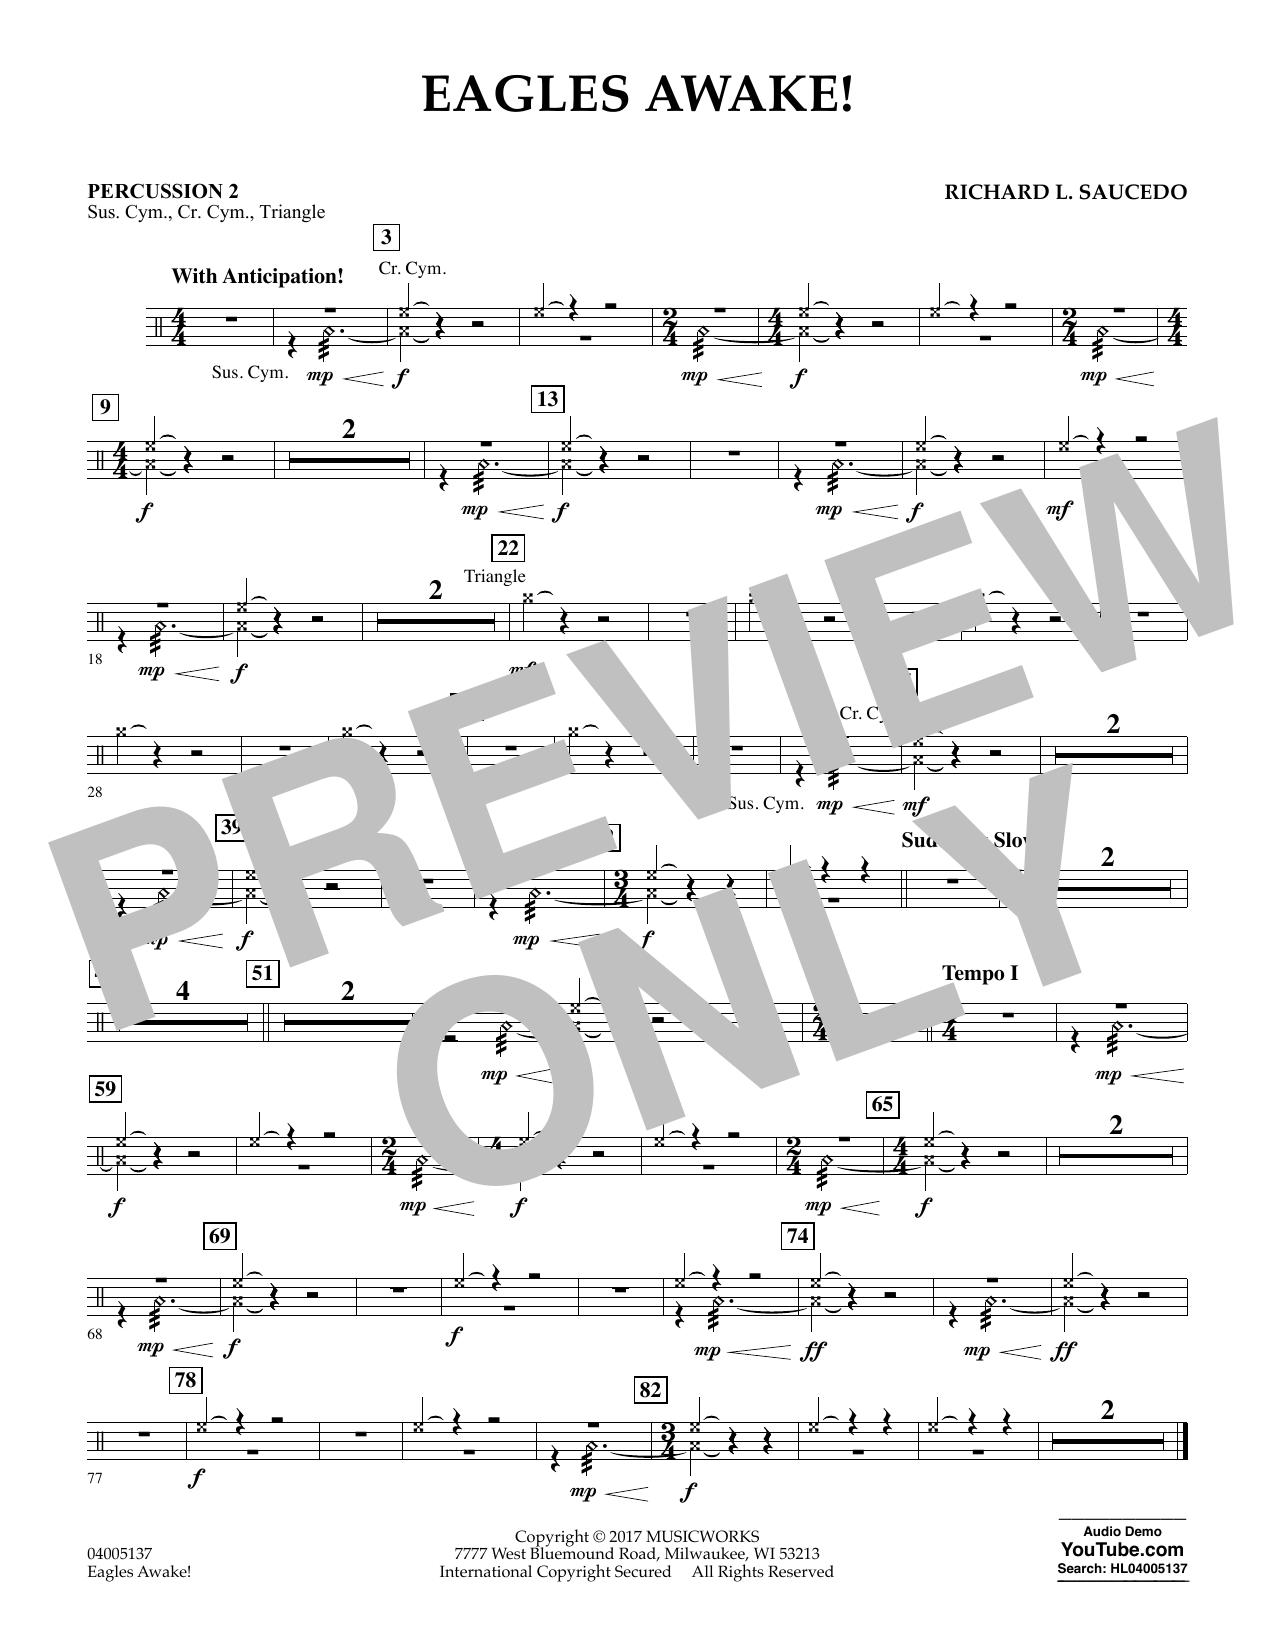 Eagles Awake! - Percussion 2 Sheet Music